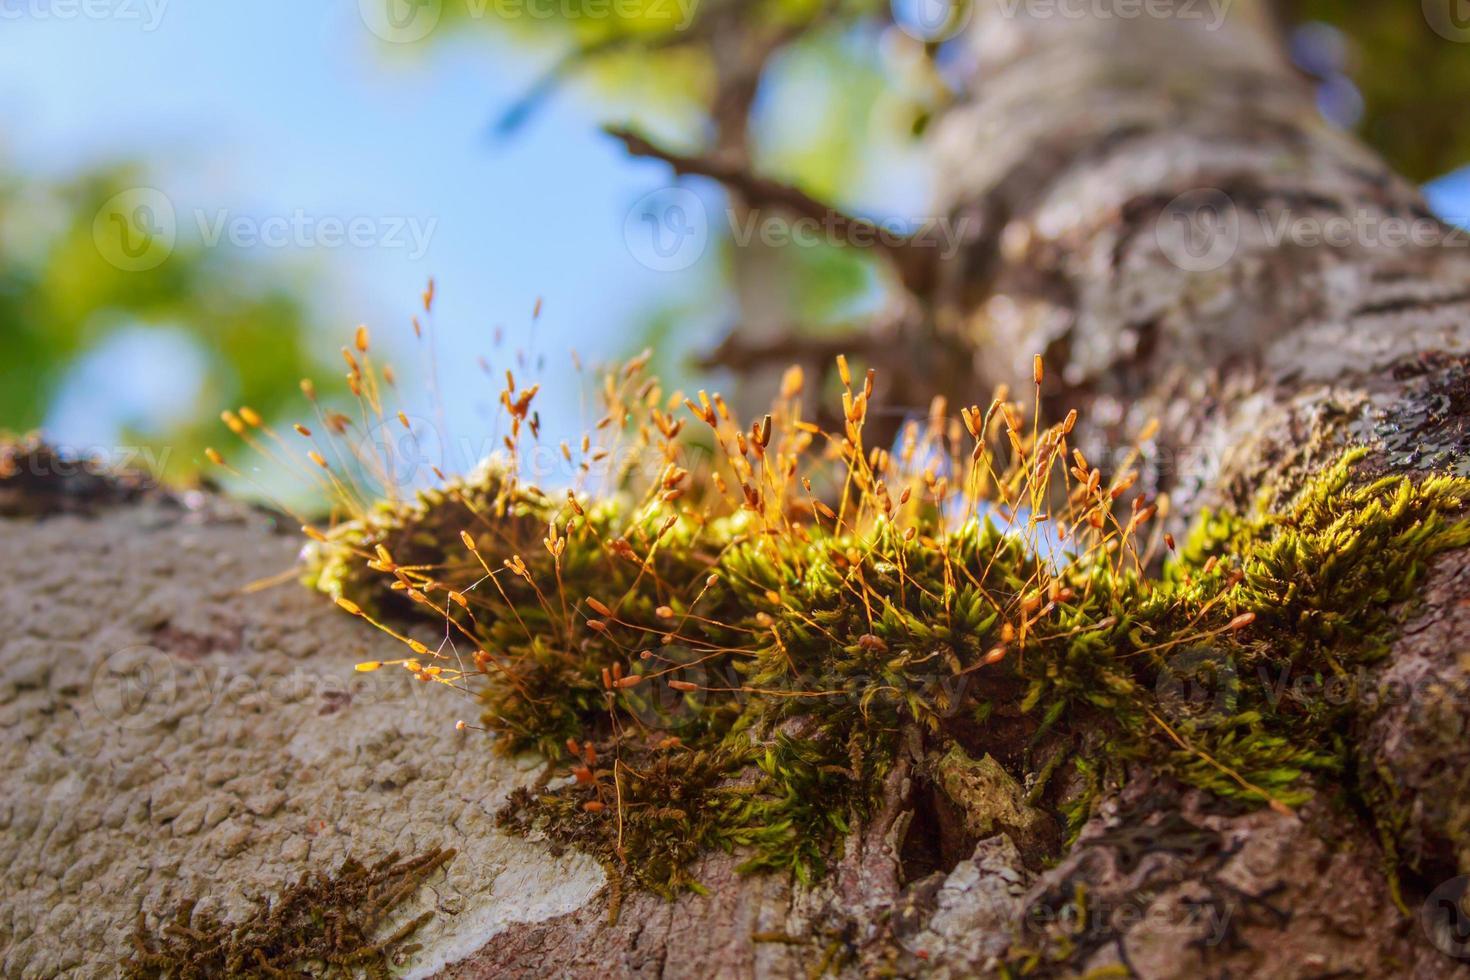 Farnpflanze, die auf altem Baumstumpf im Garten wächst. foto